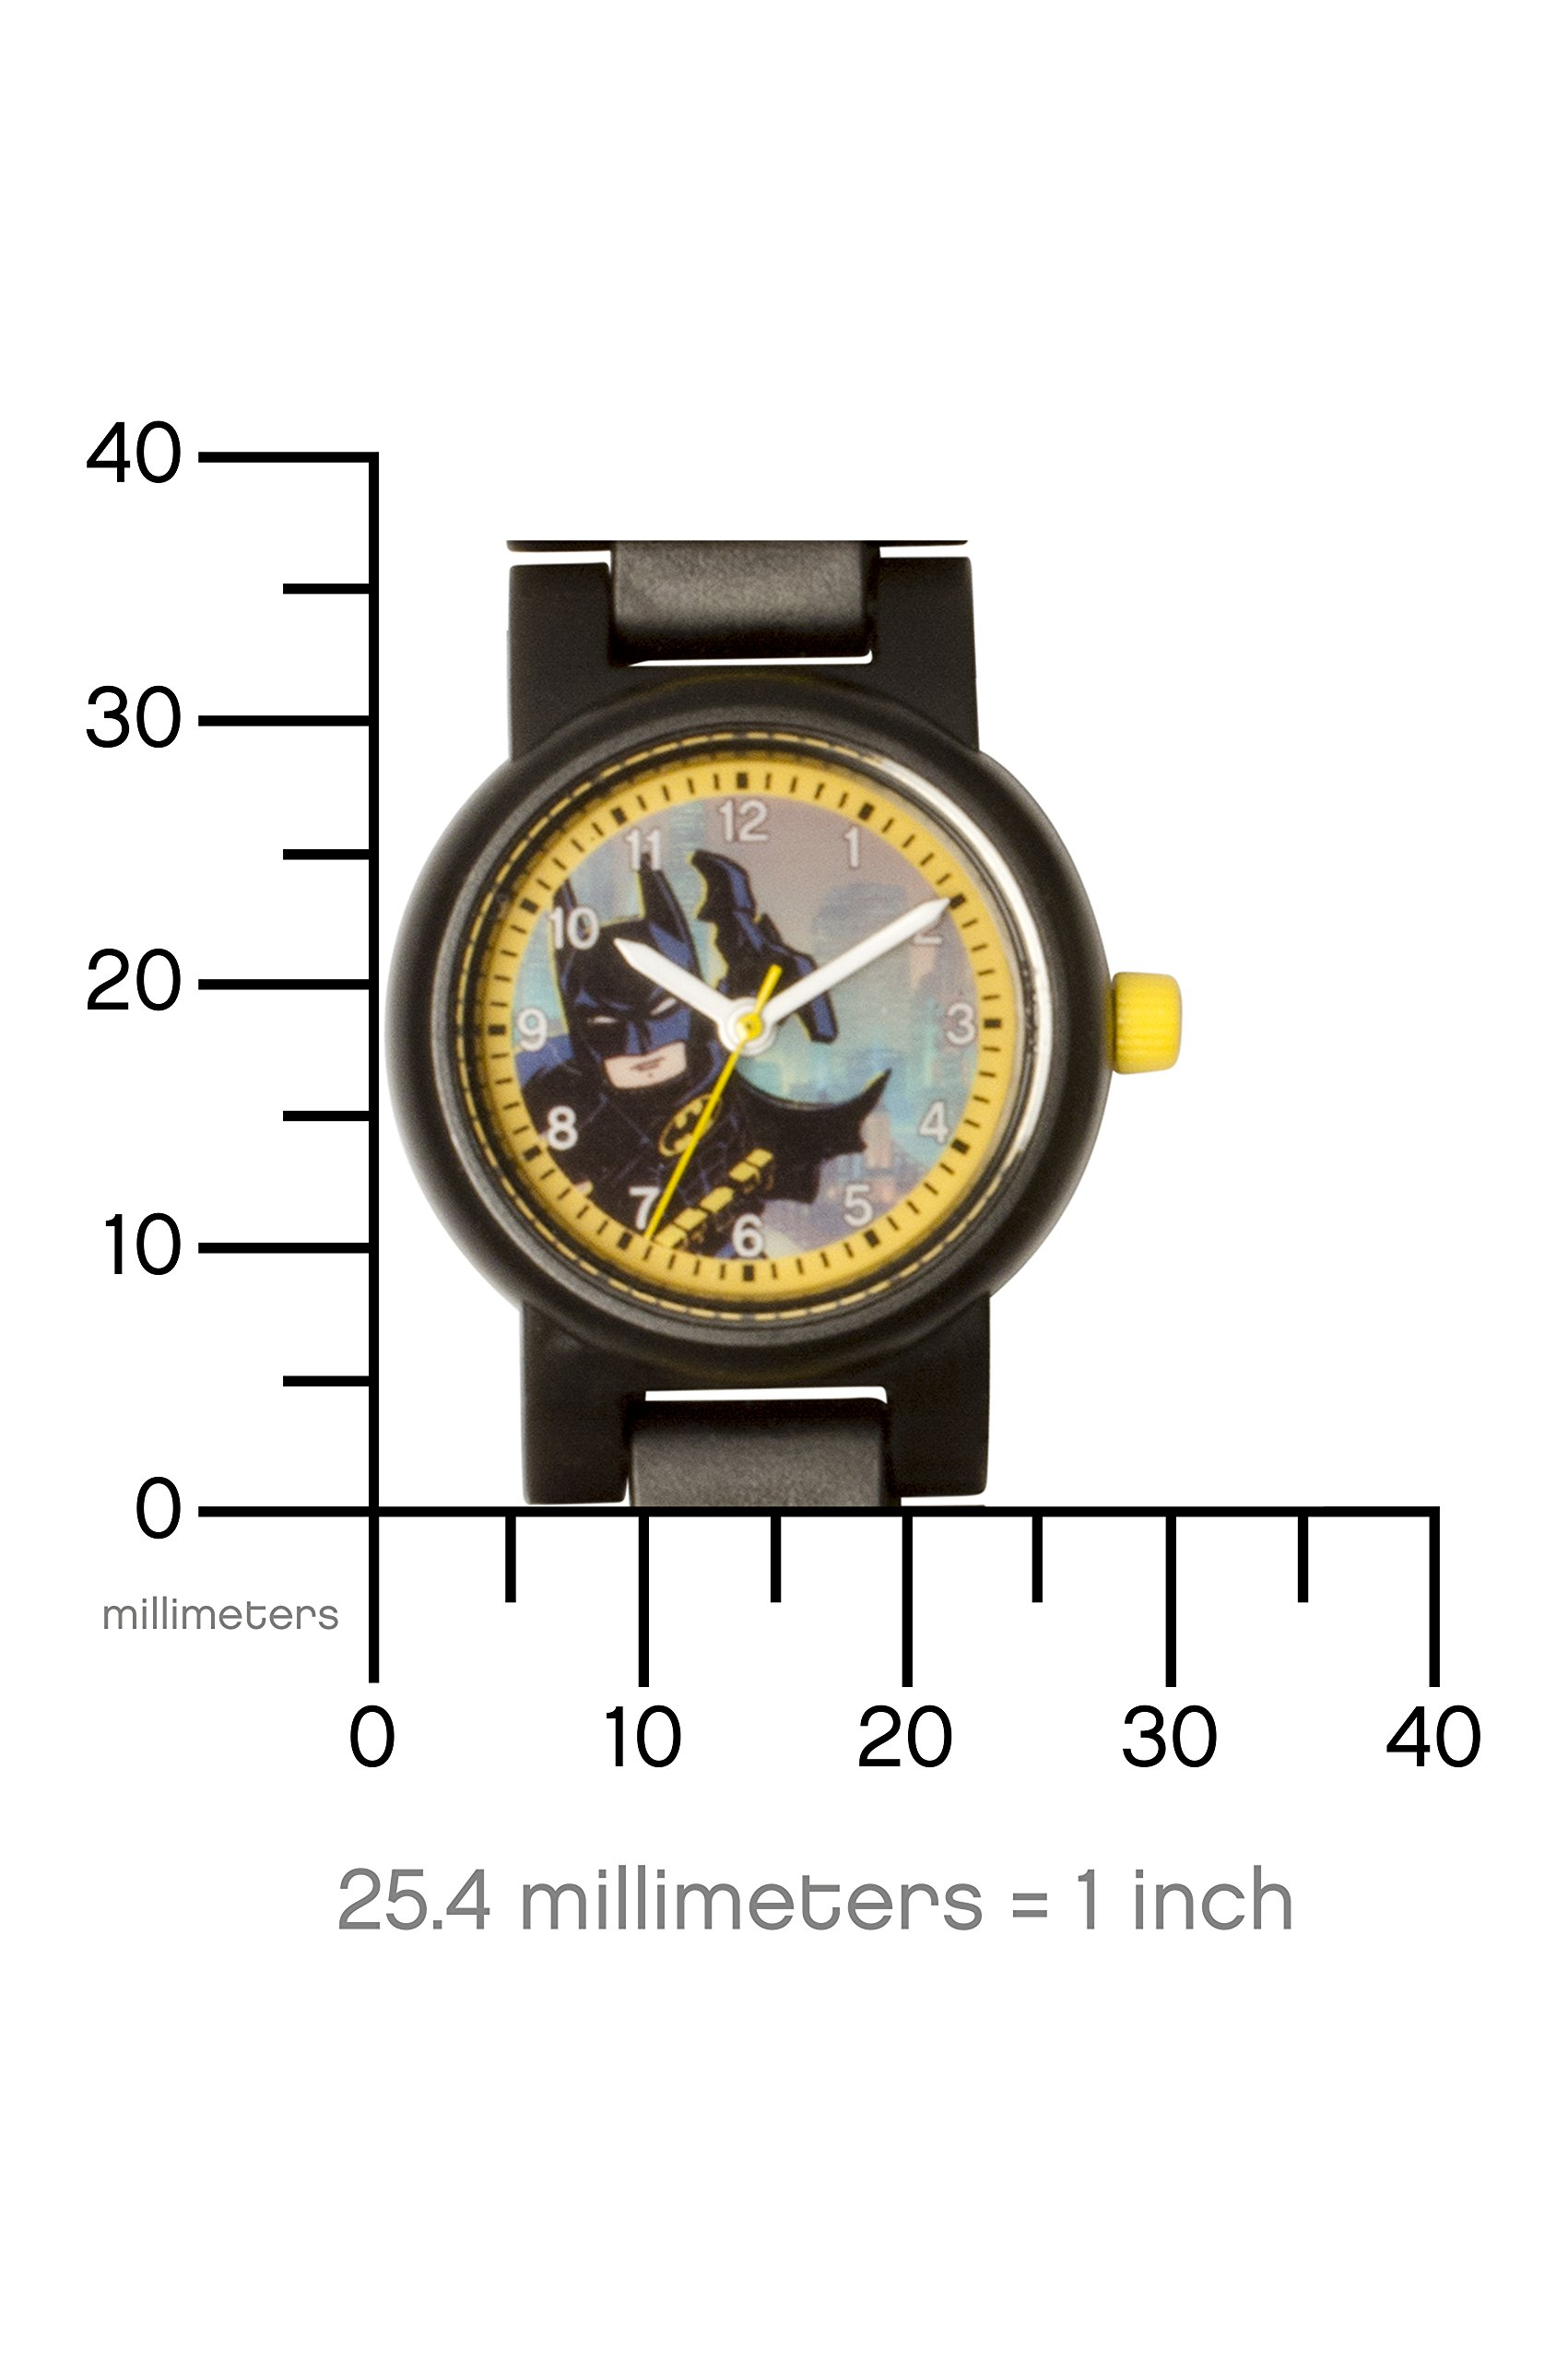 LEGO Batman 8020837 Orologio da polso componibile per bambini con minifigure Batman 4 spesavip